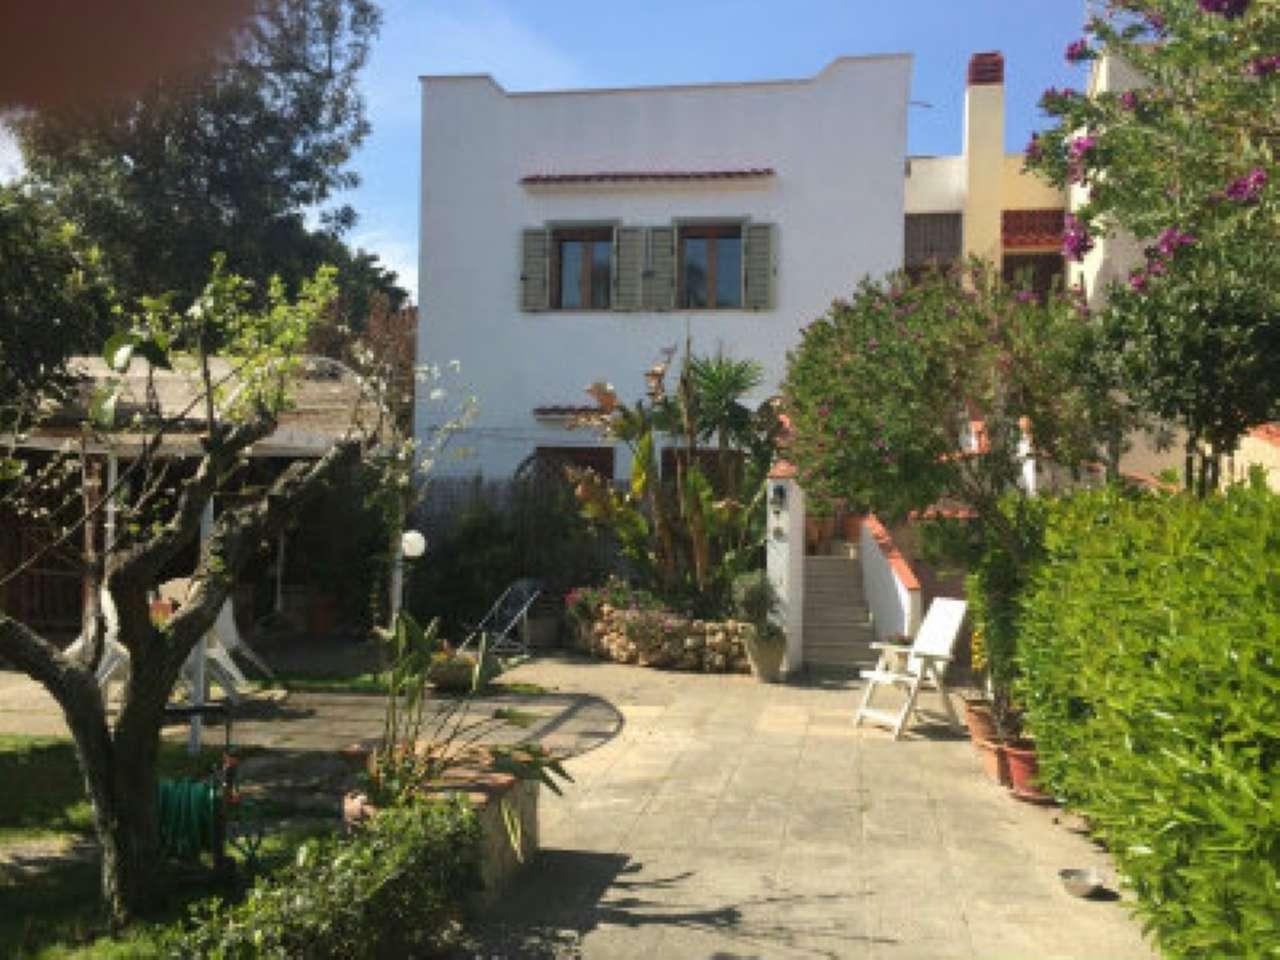 Villa Bifamiliare in affitto a Pulsano, 3 locali, prezzo € 450 | CambioCasa.it